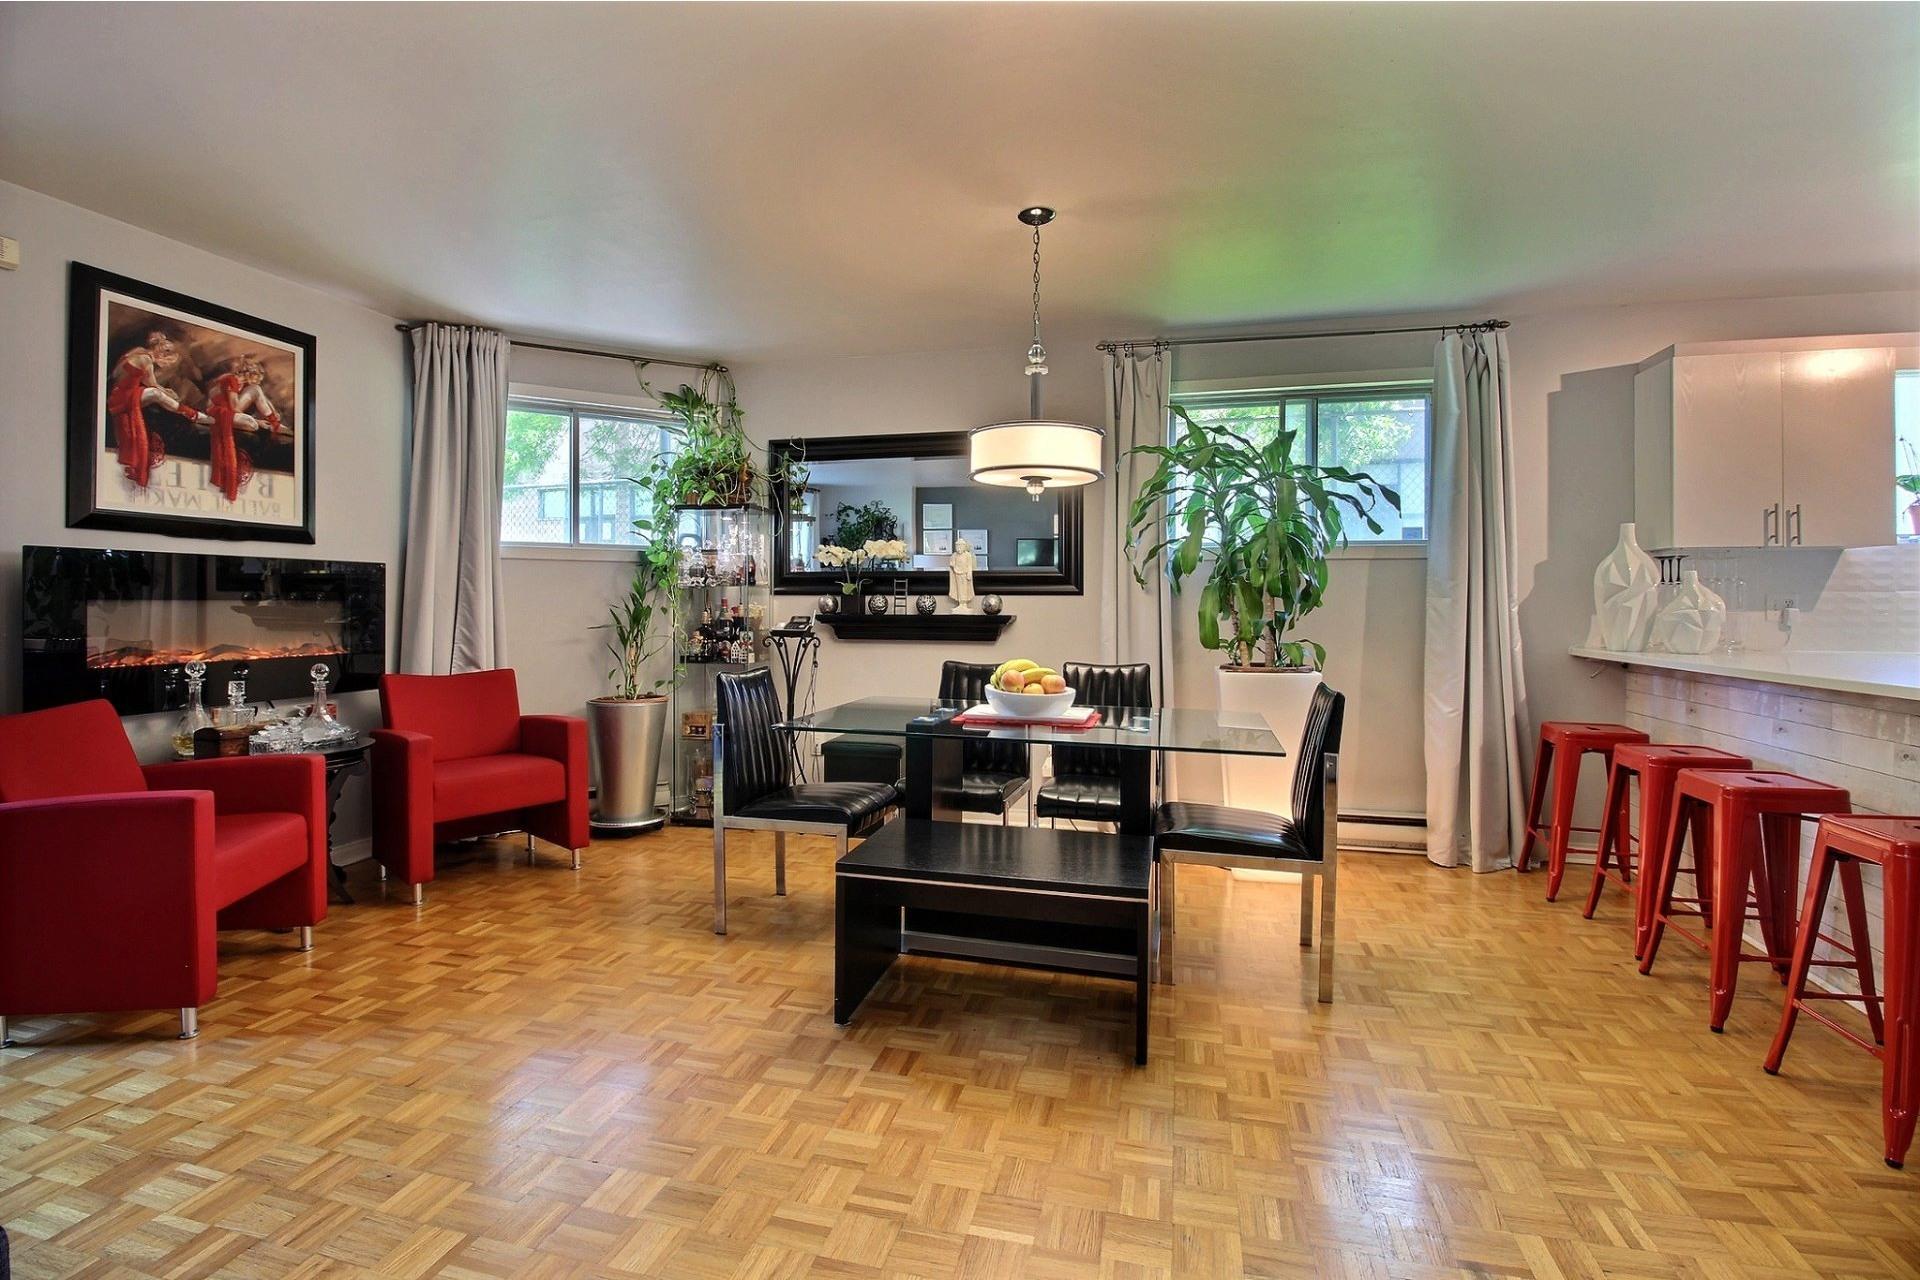 image 5 - Appartement À vendre Montréal Rivière-des-Prairies/Pointe-aux-Trembles  - 5 pièces